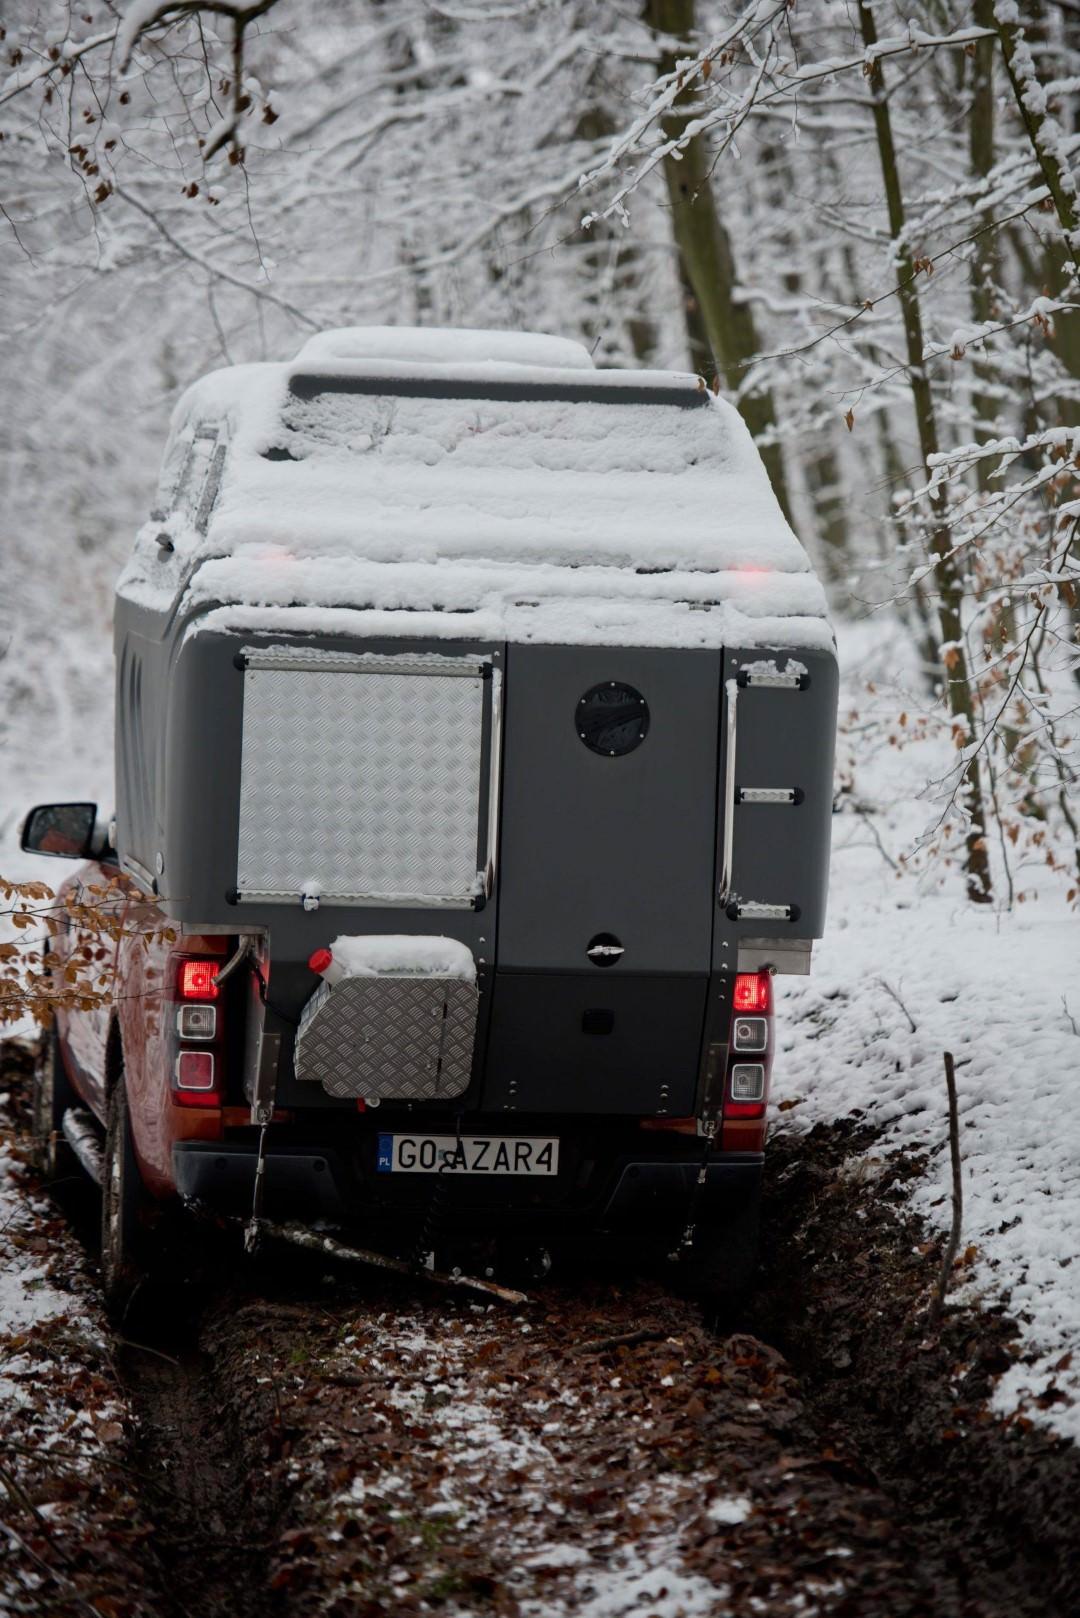 AZAR4 - Entwicklung eines Camper für 4x4 Pickup - AZAR4 01298 DSC5429 D01 min scaled - Anpassung der AZAR4-Absetzkabine an die winterlichen Wetterverhältnisse